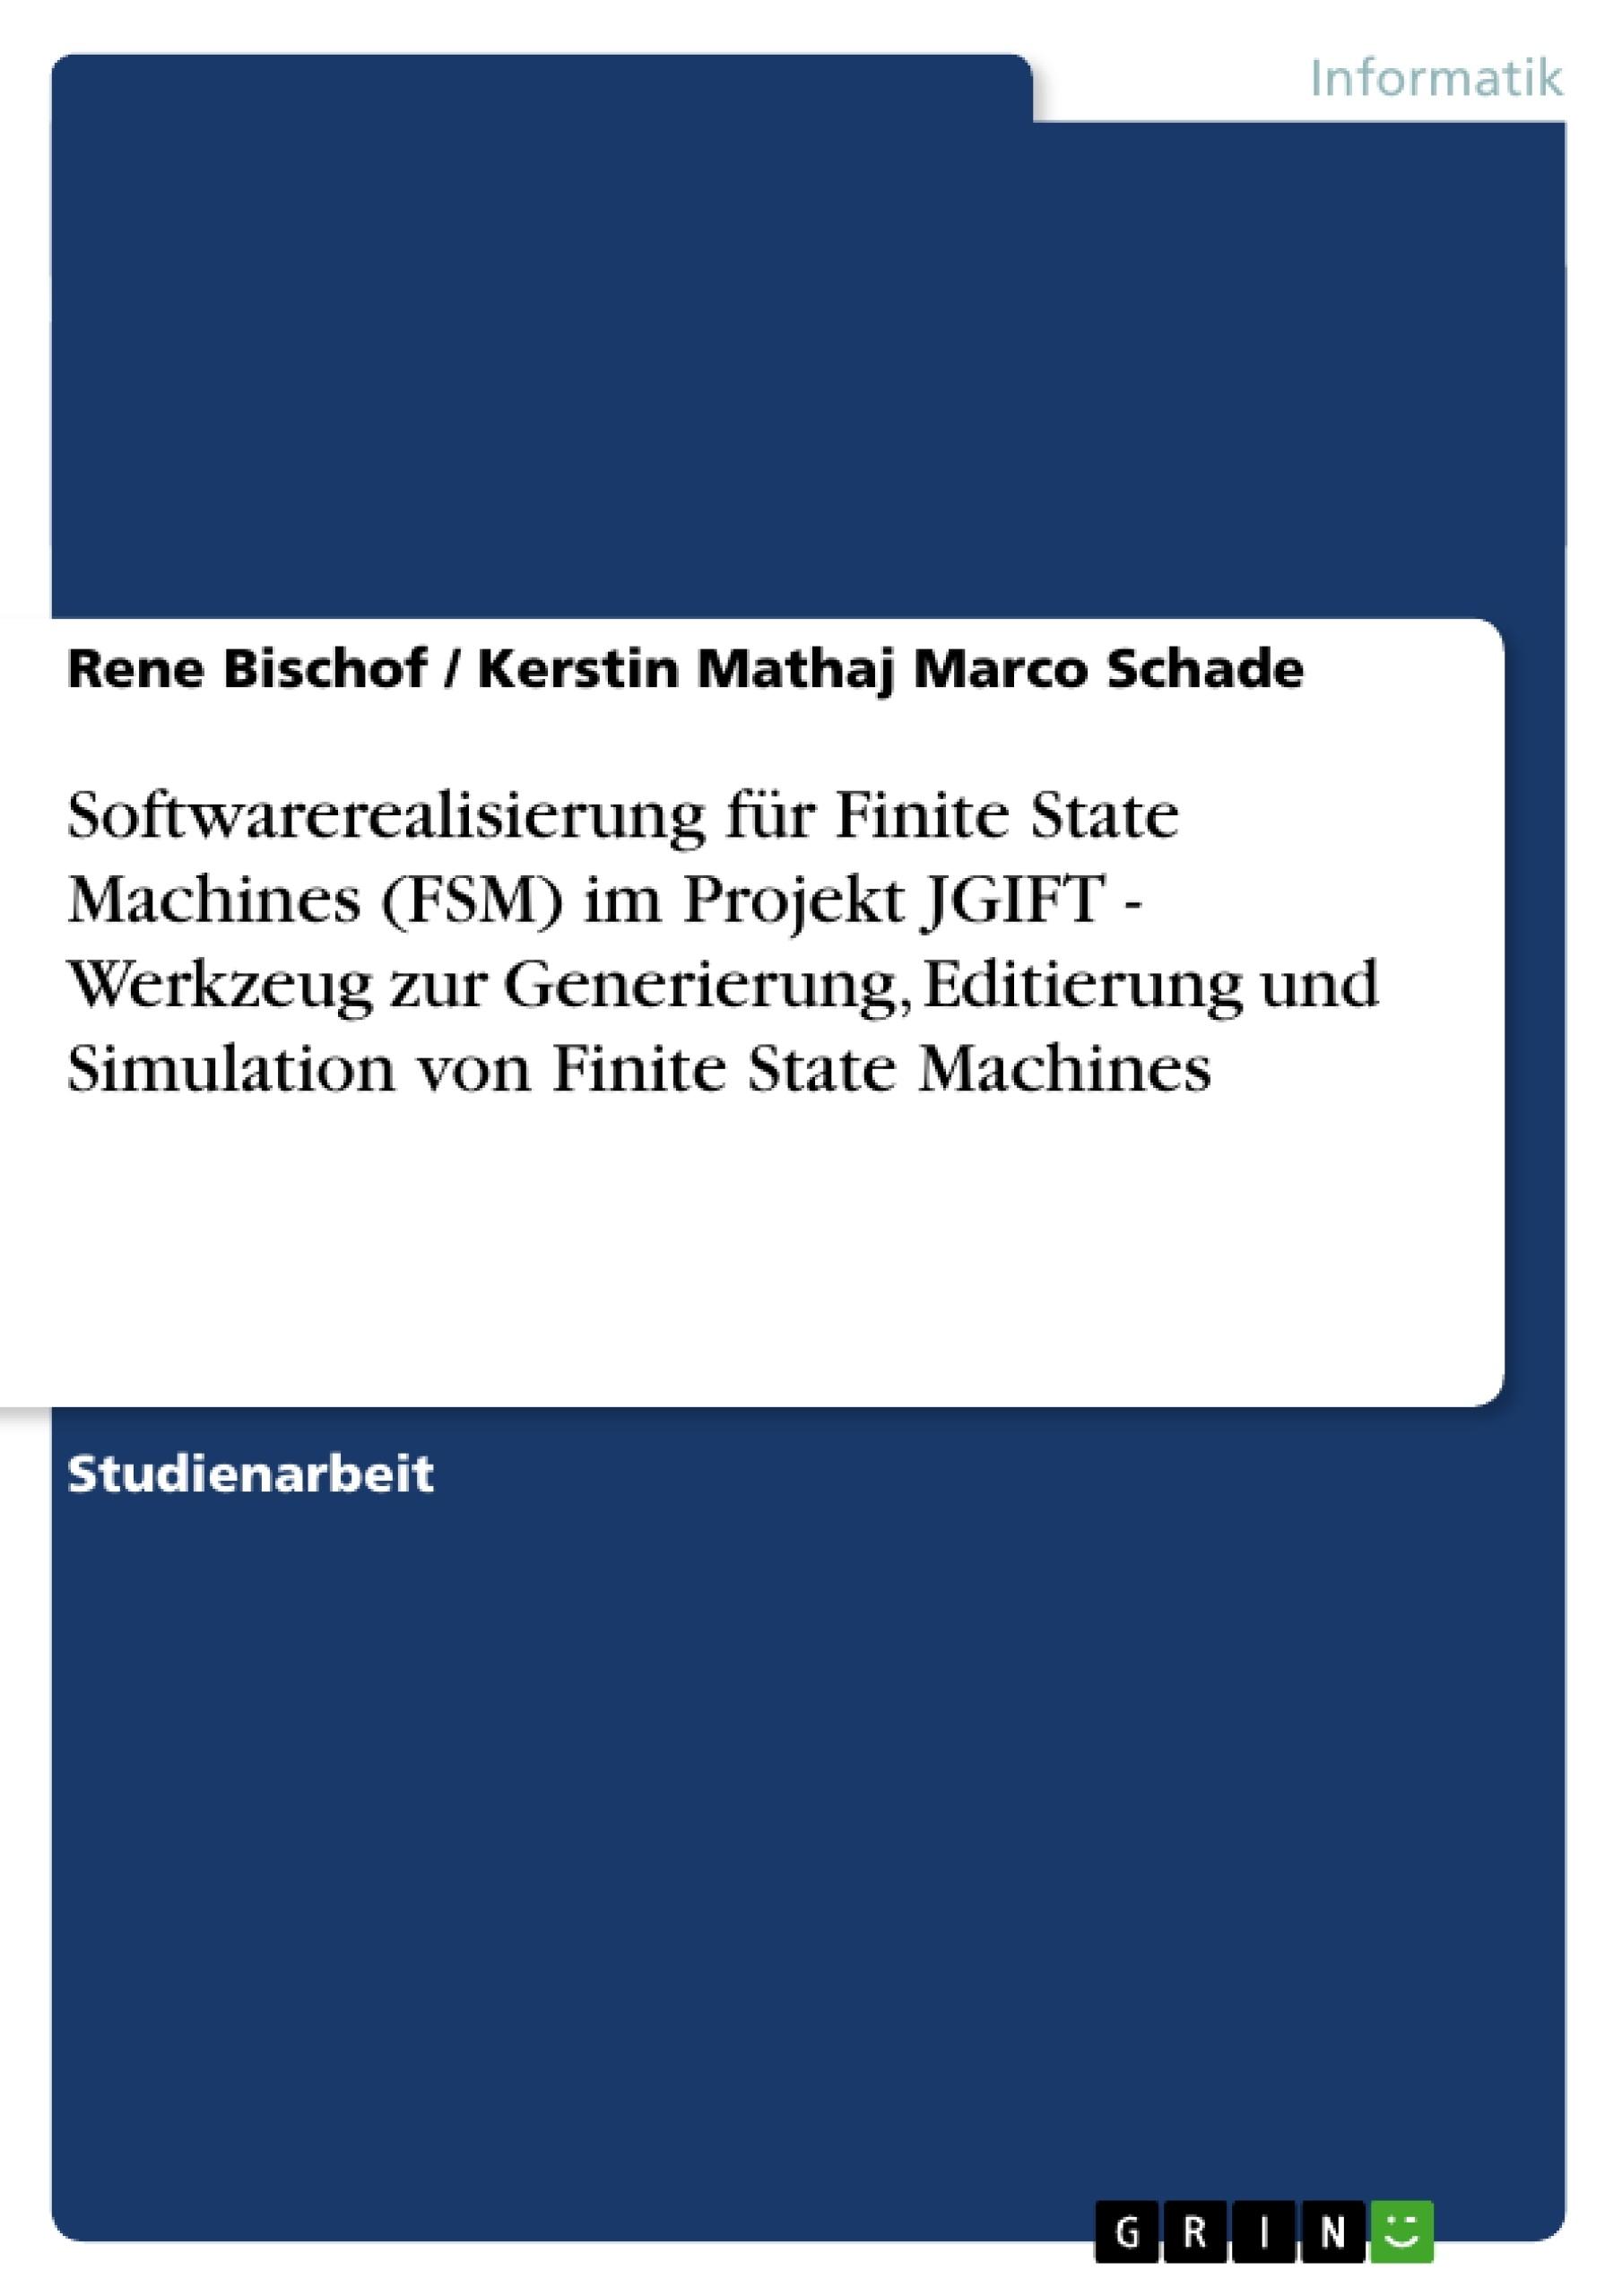 Titel: Softwarerealisierung für Finite State Machines (FSM) im Projekt JGIFT  - Werkzeug zur Generierung, Editierung und Simulation von Finite State Machines